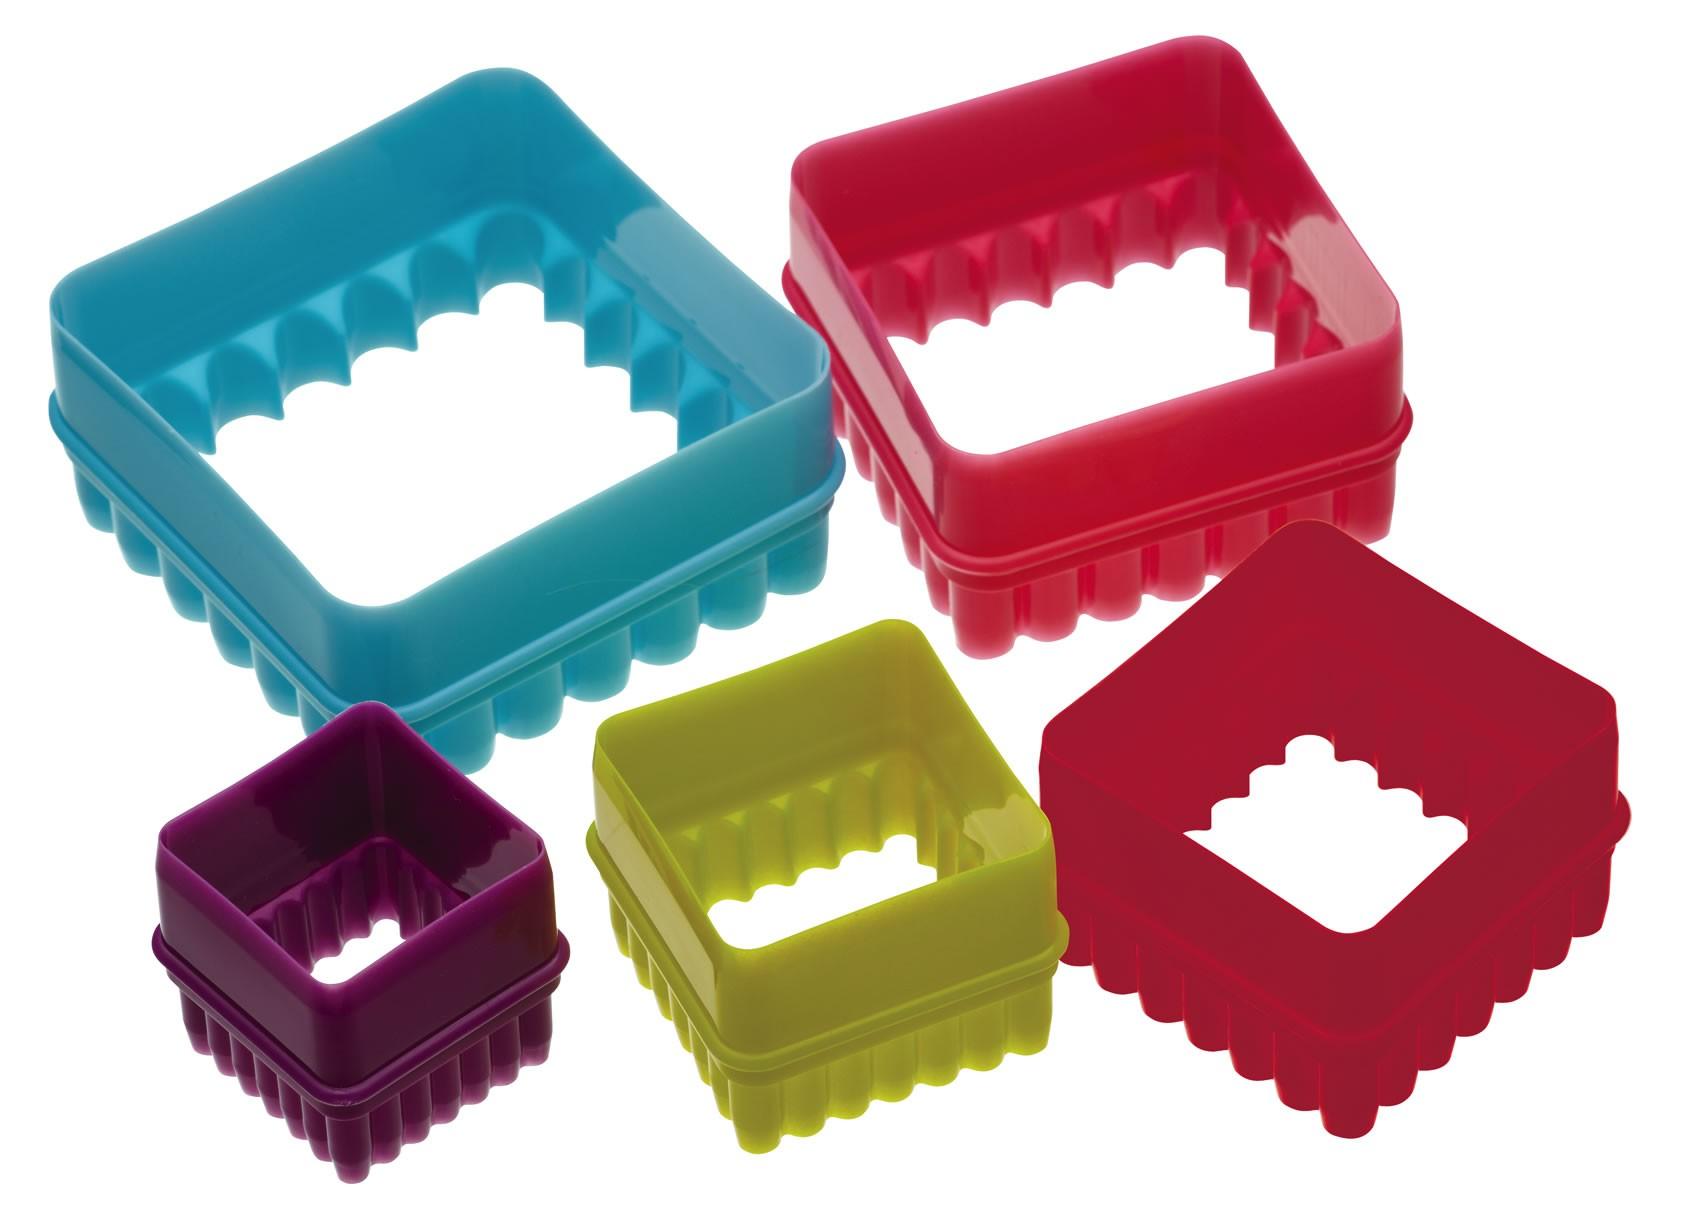 κουπ-πατ σετ 5 τεμάχια τετράγωνα colourworks by kitchencraft home   ζαχαροπλαστικη   κουπ   πατ